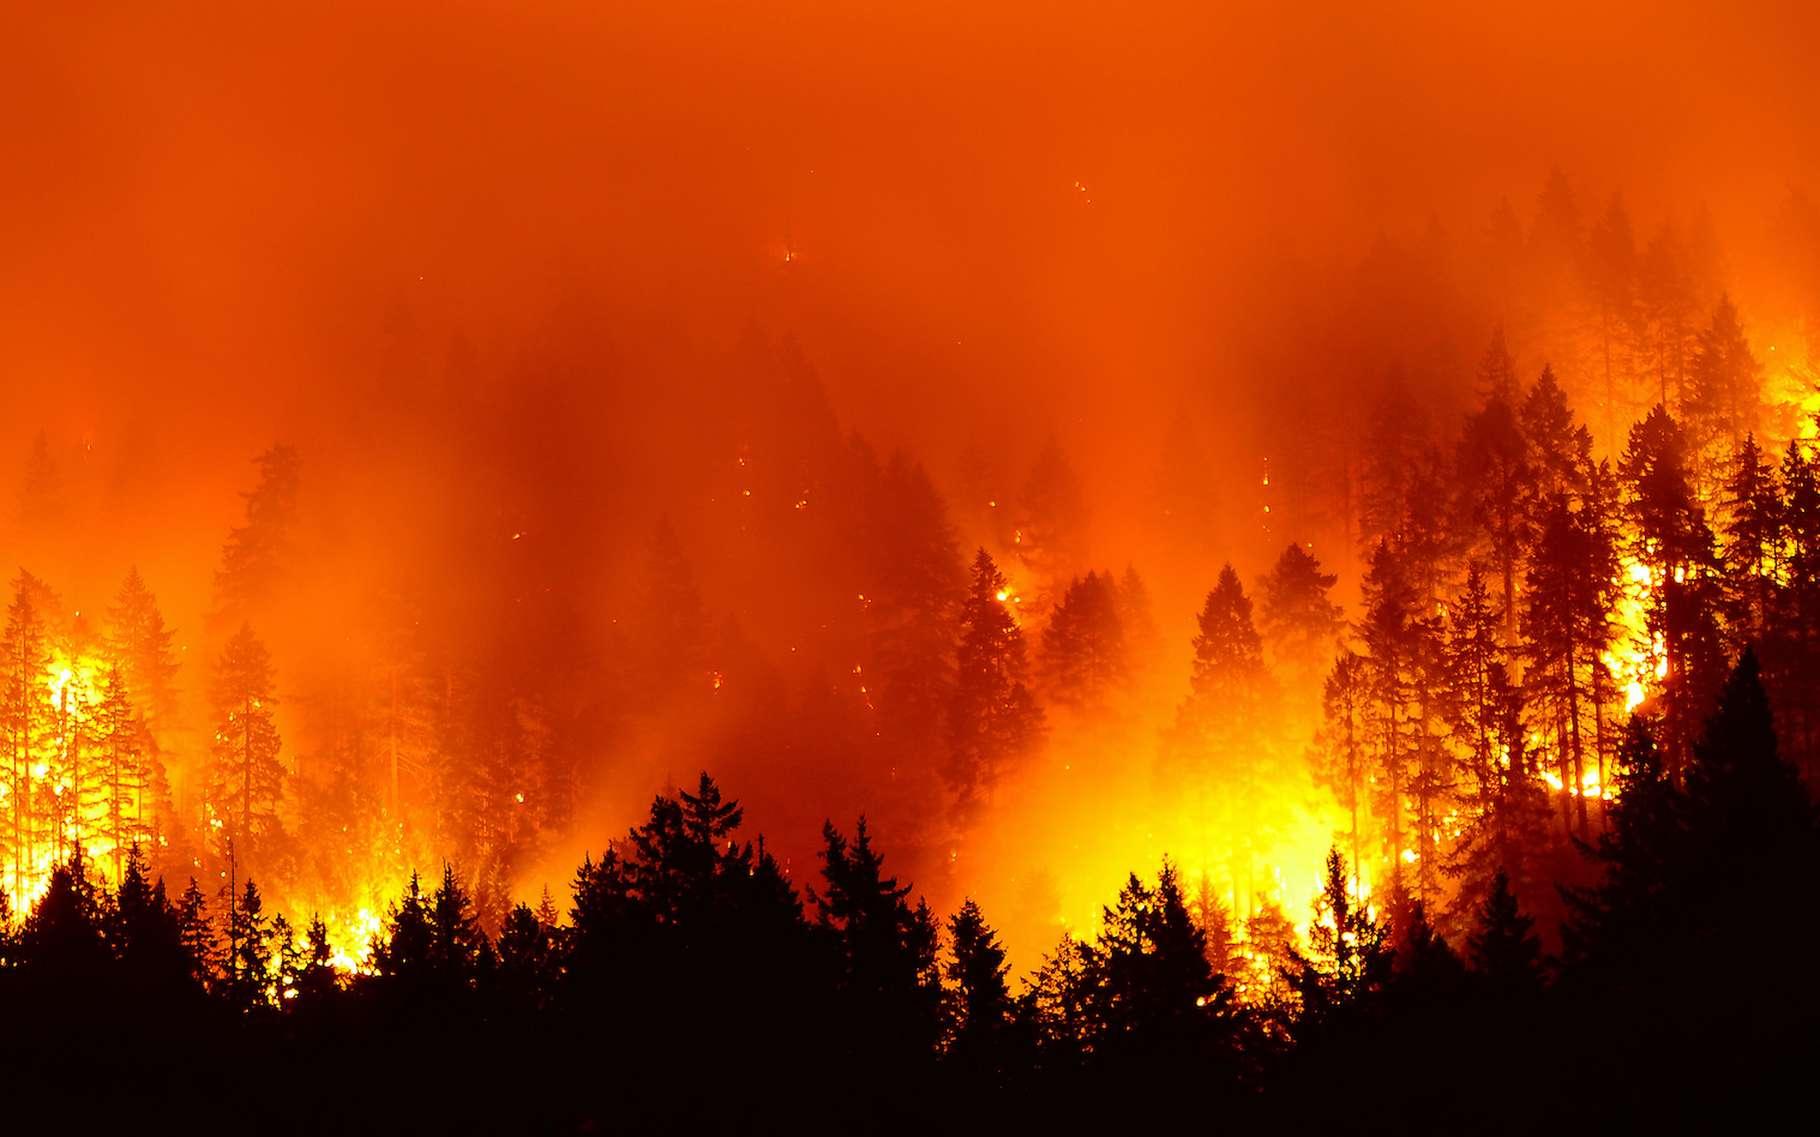 En 2020, l'ouest des États-Unis a été en proie à des incendies gigantesques. Leur fumée a été étudiée par des chercheurs de l'Institut Leibniz pour la recherche troposphérique (Tropos, Allemagne) lorsqu'elle est arrivée au-dessus de l'Europe. © Kirk Atkinson, Adobe Stock